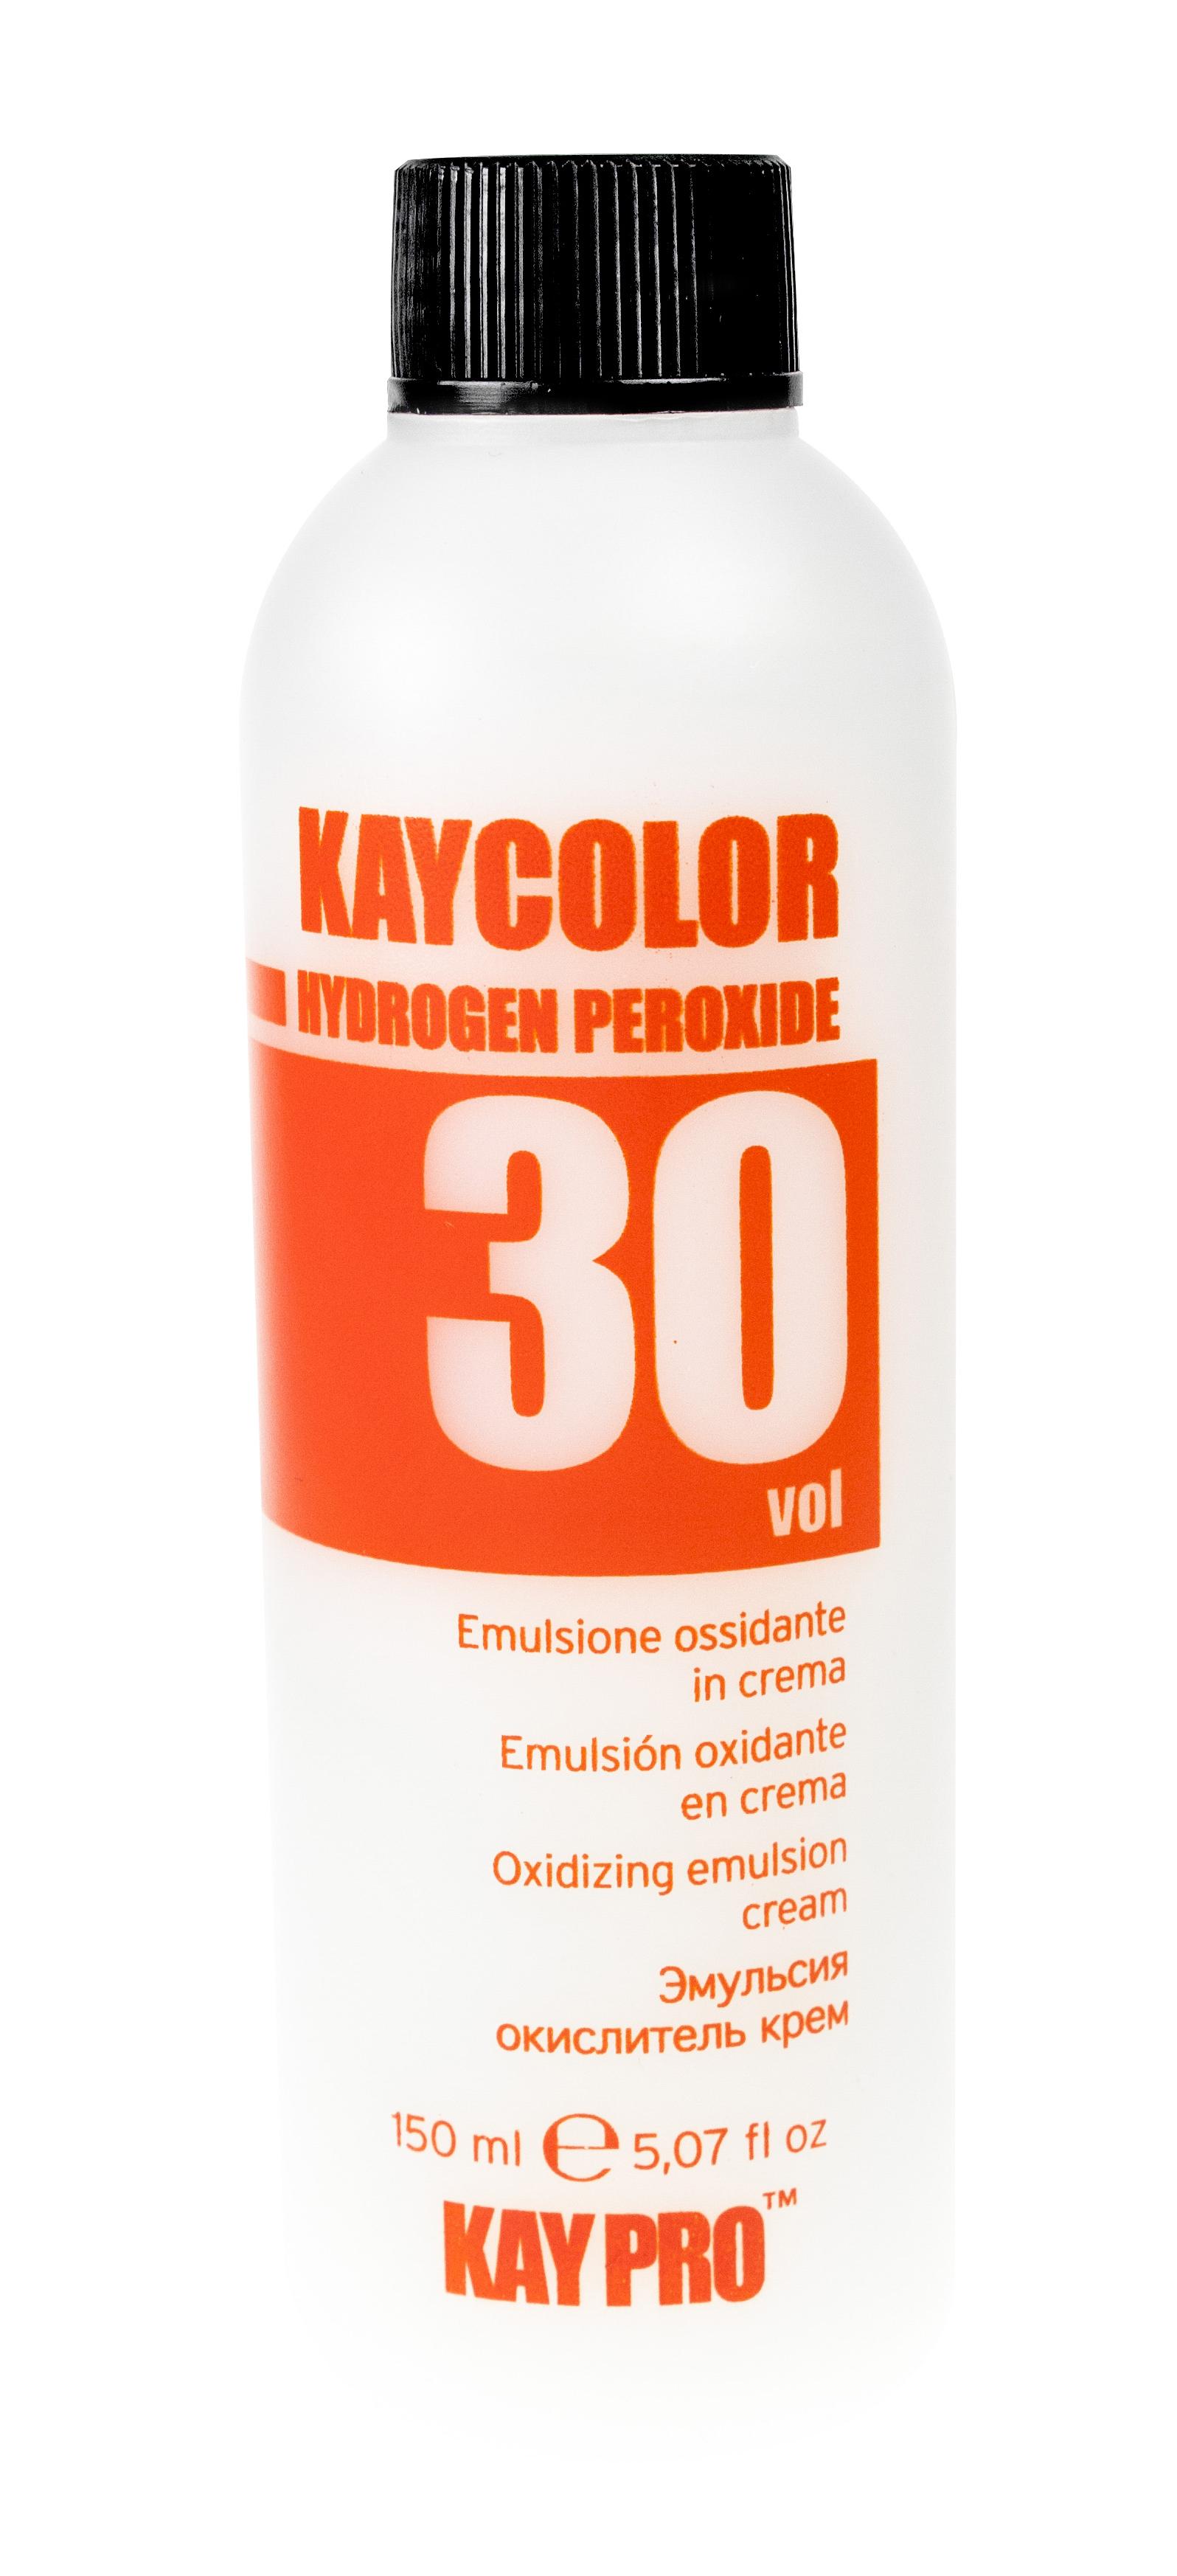 KAYPRO Эмульсия окислительная 30 vol (9%) / KAY COLOR 150 мл